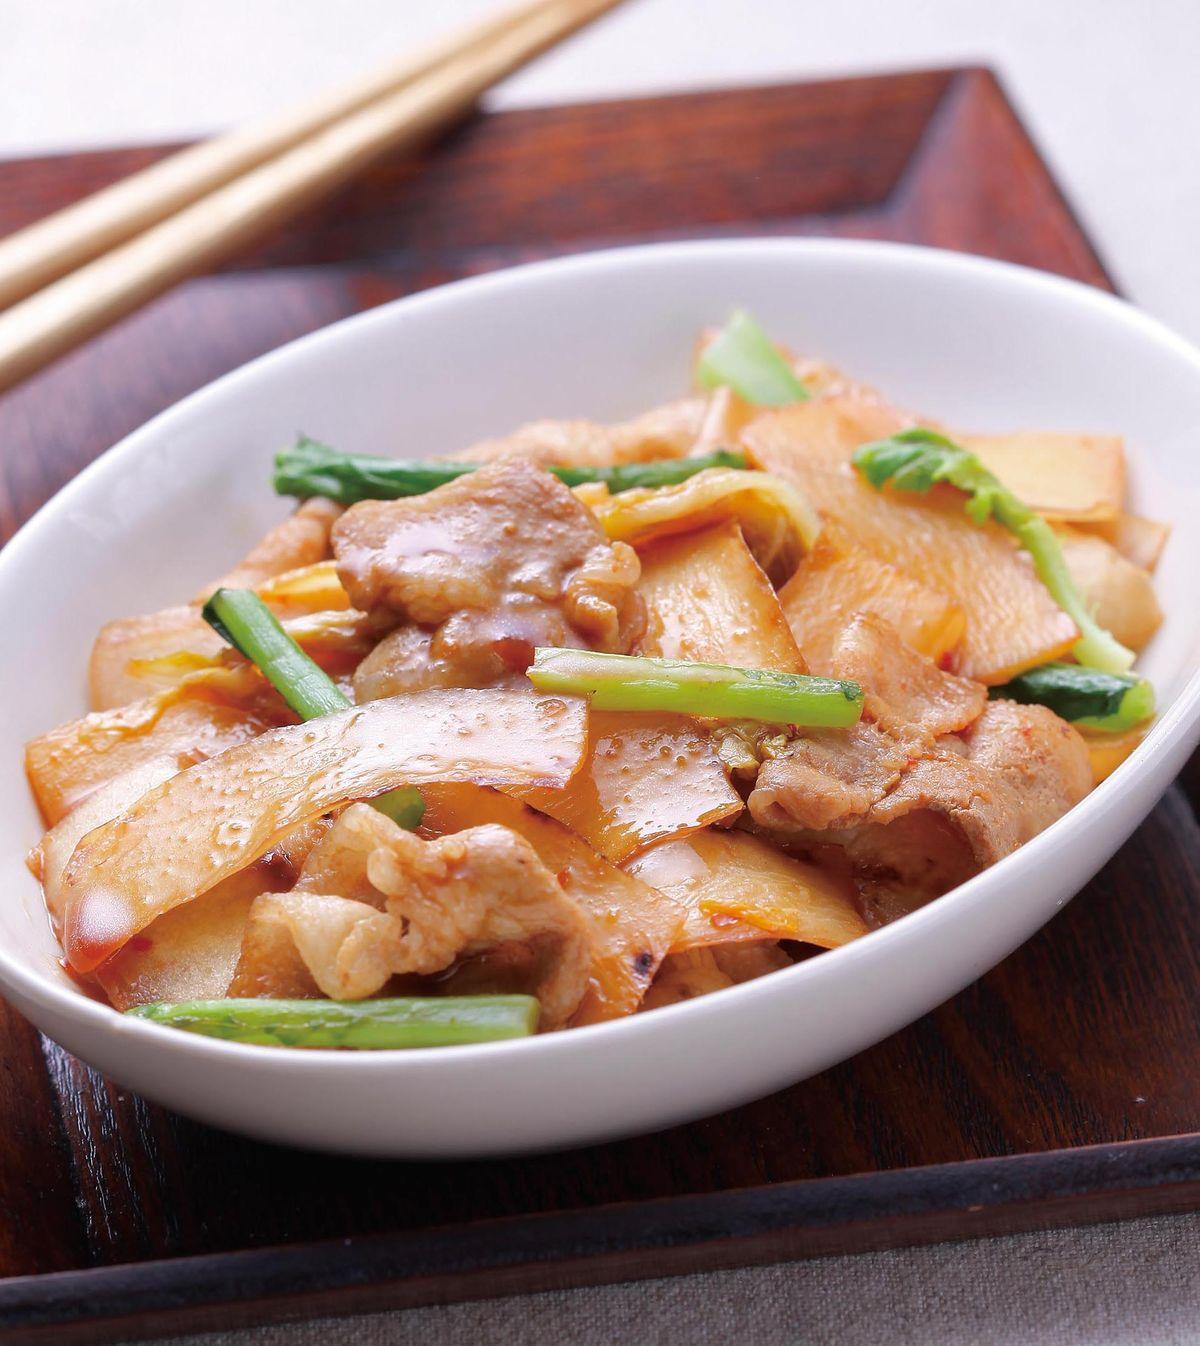 食譜:蘿蔔皮炒泡菜